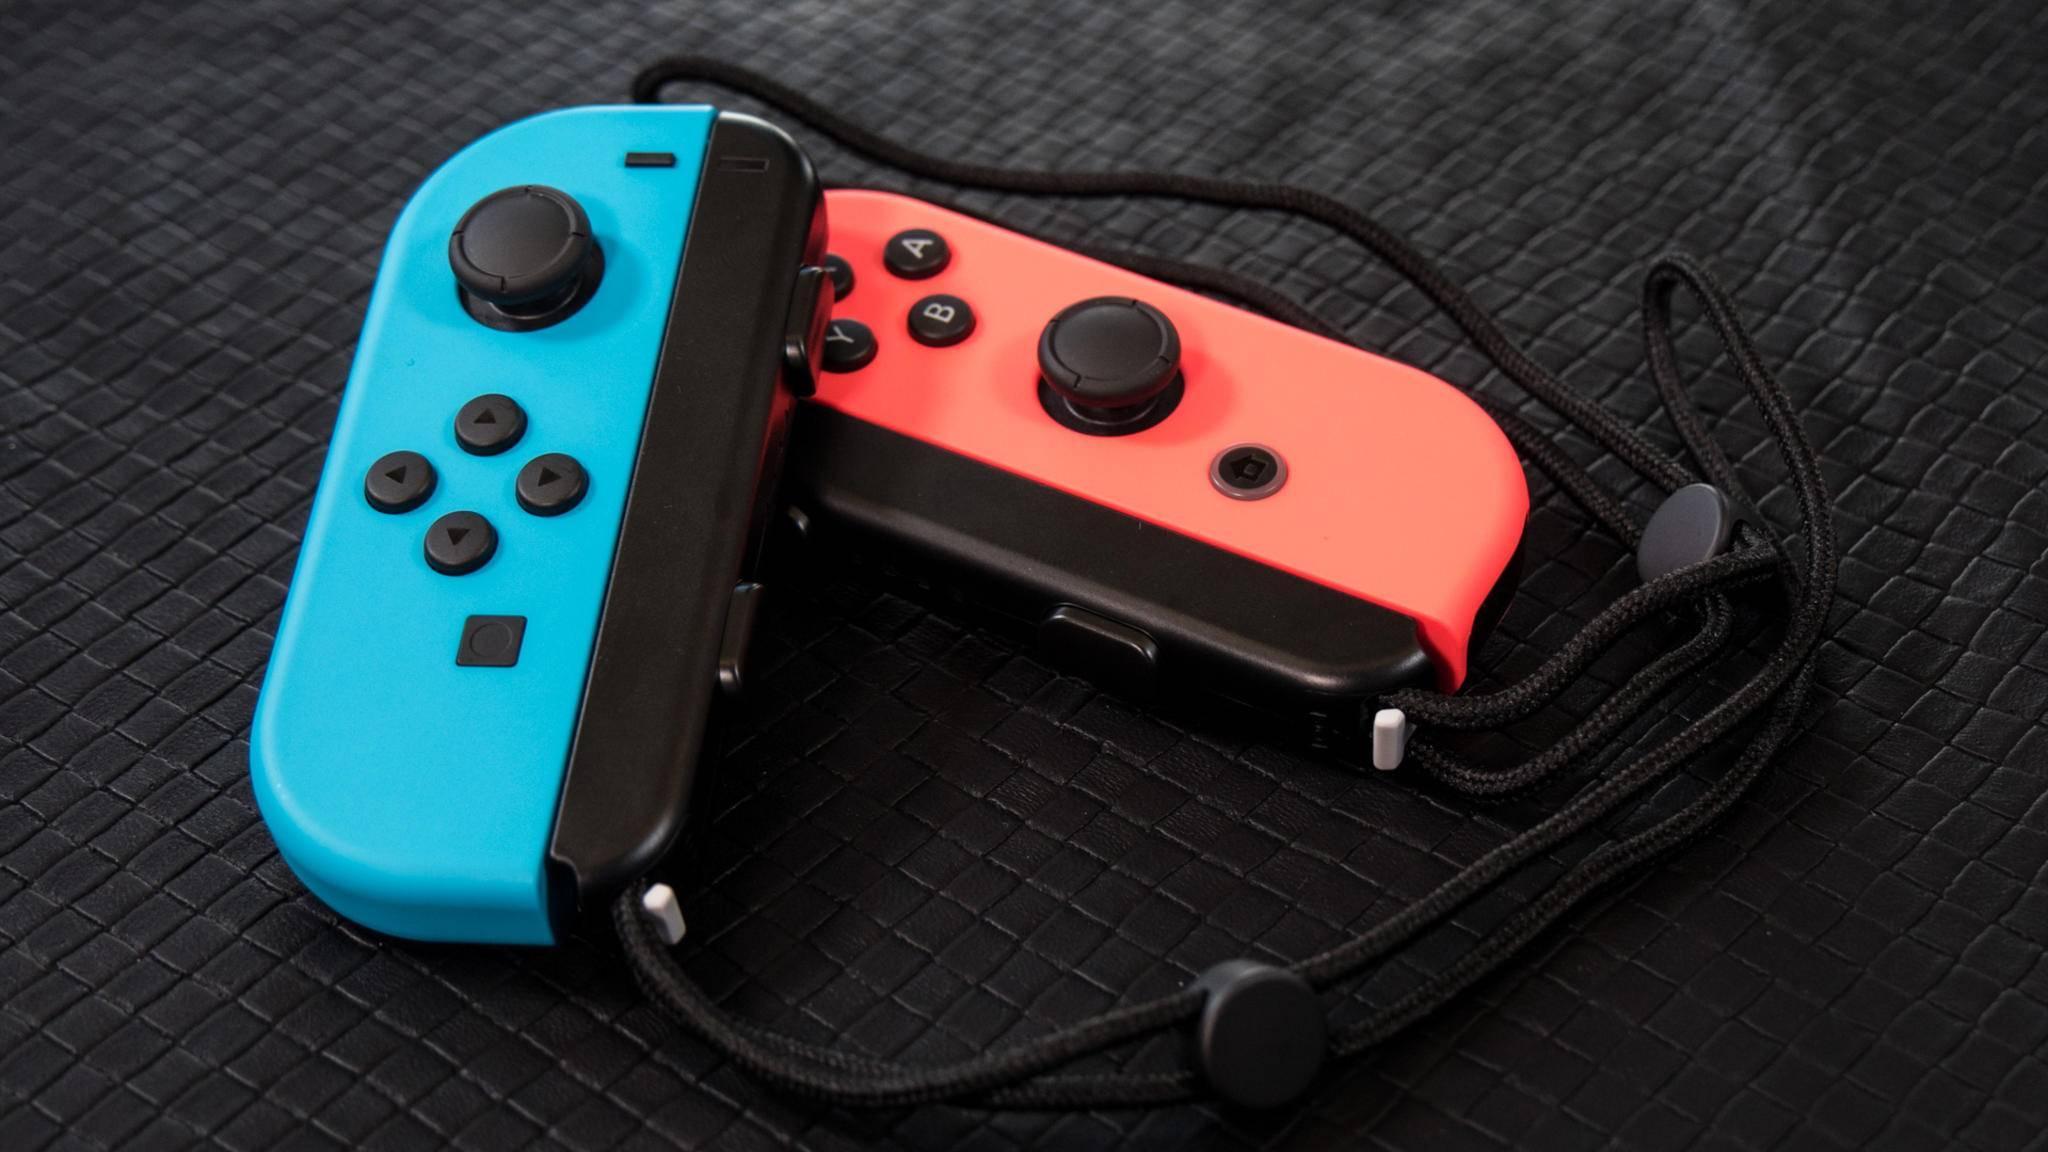 Probleme identifiziert: Die Controller der Nintendo Switch verlieren vereinzelt den Kontakt zur Konsole.